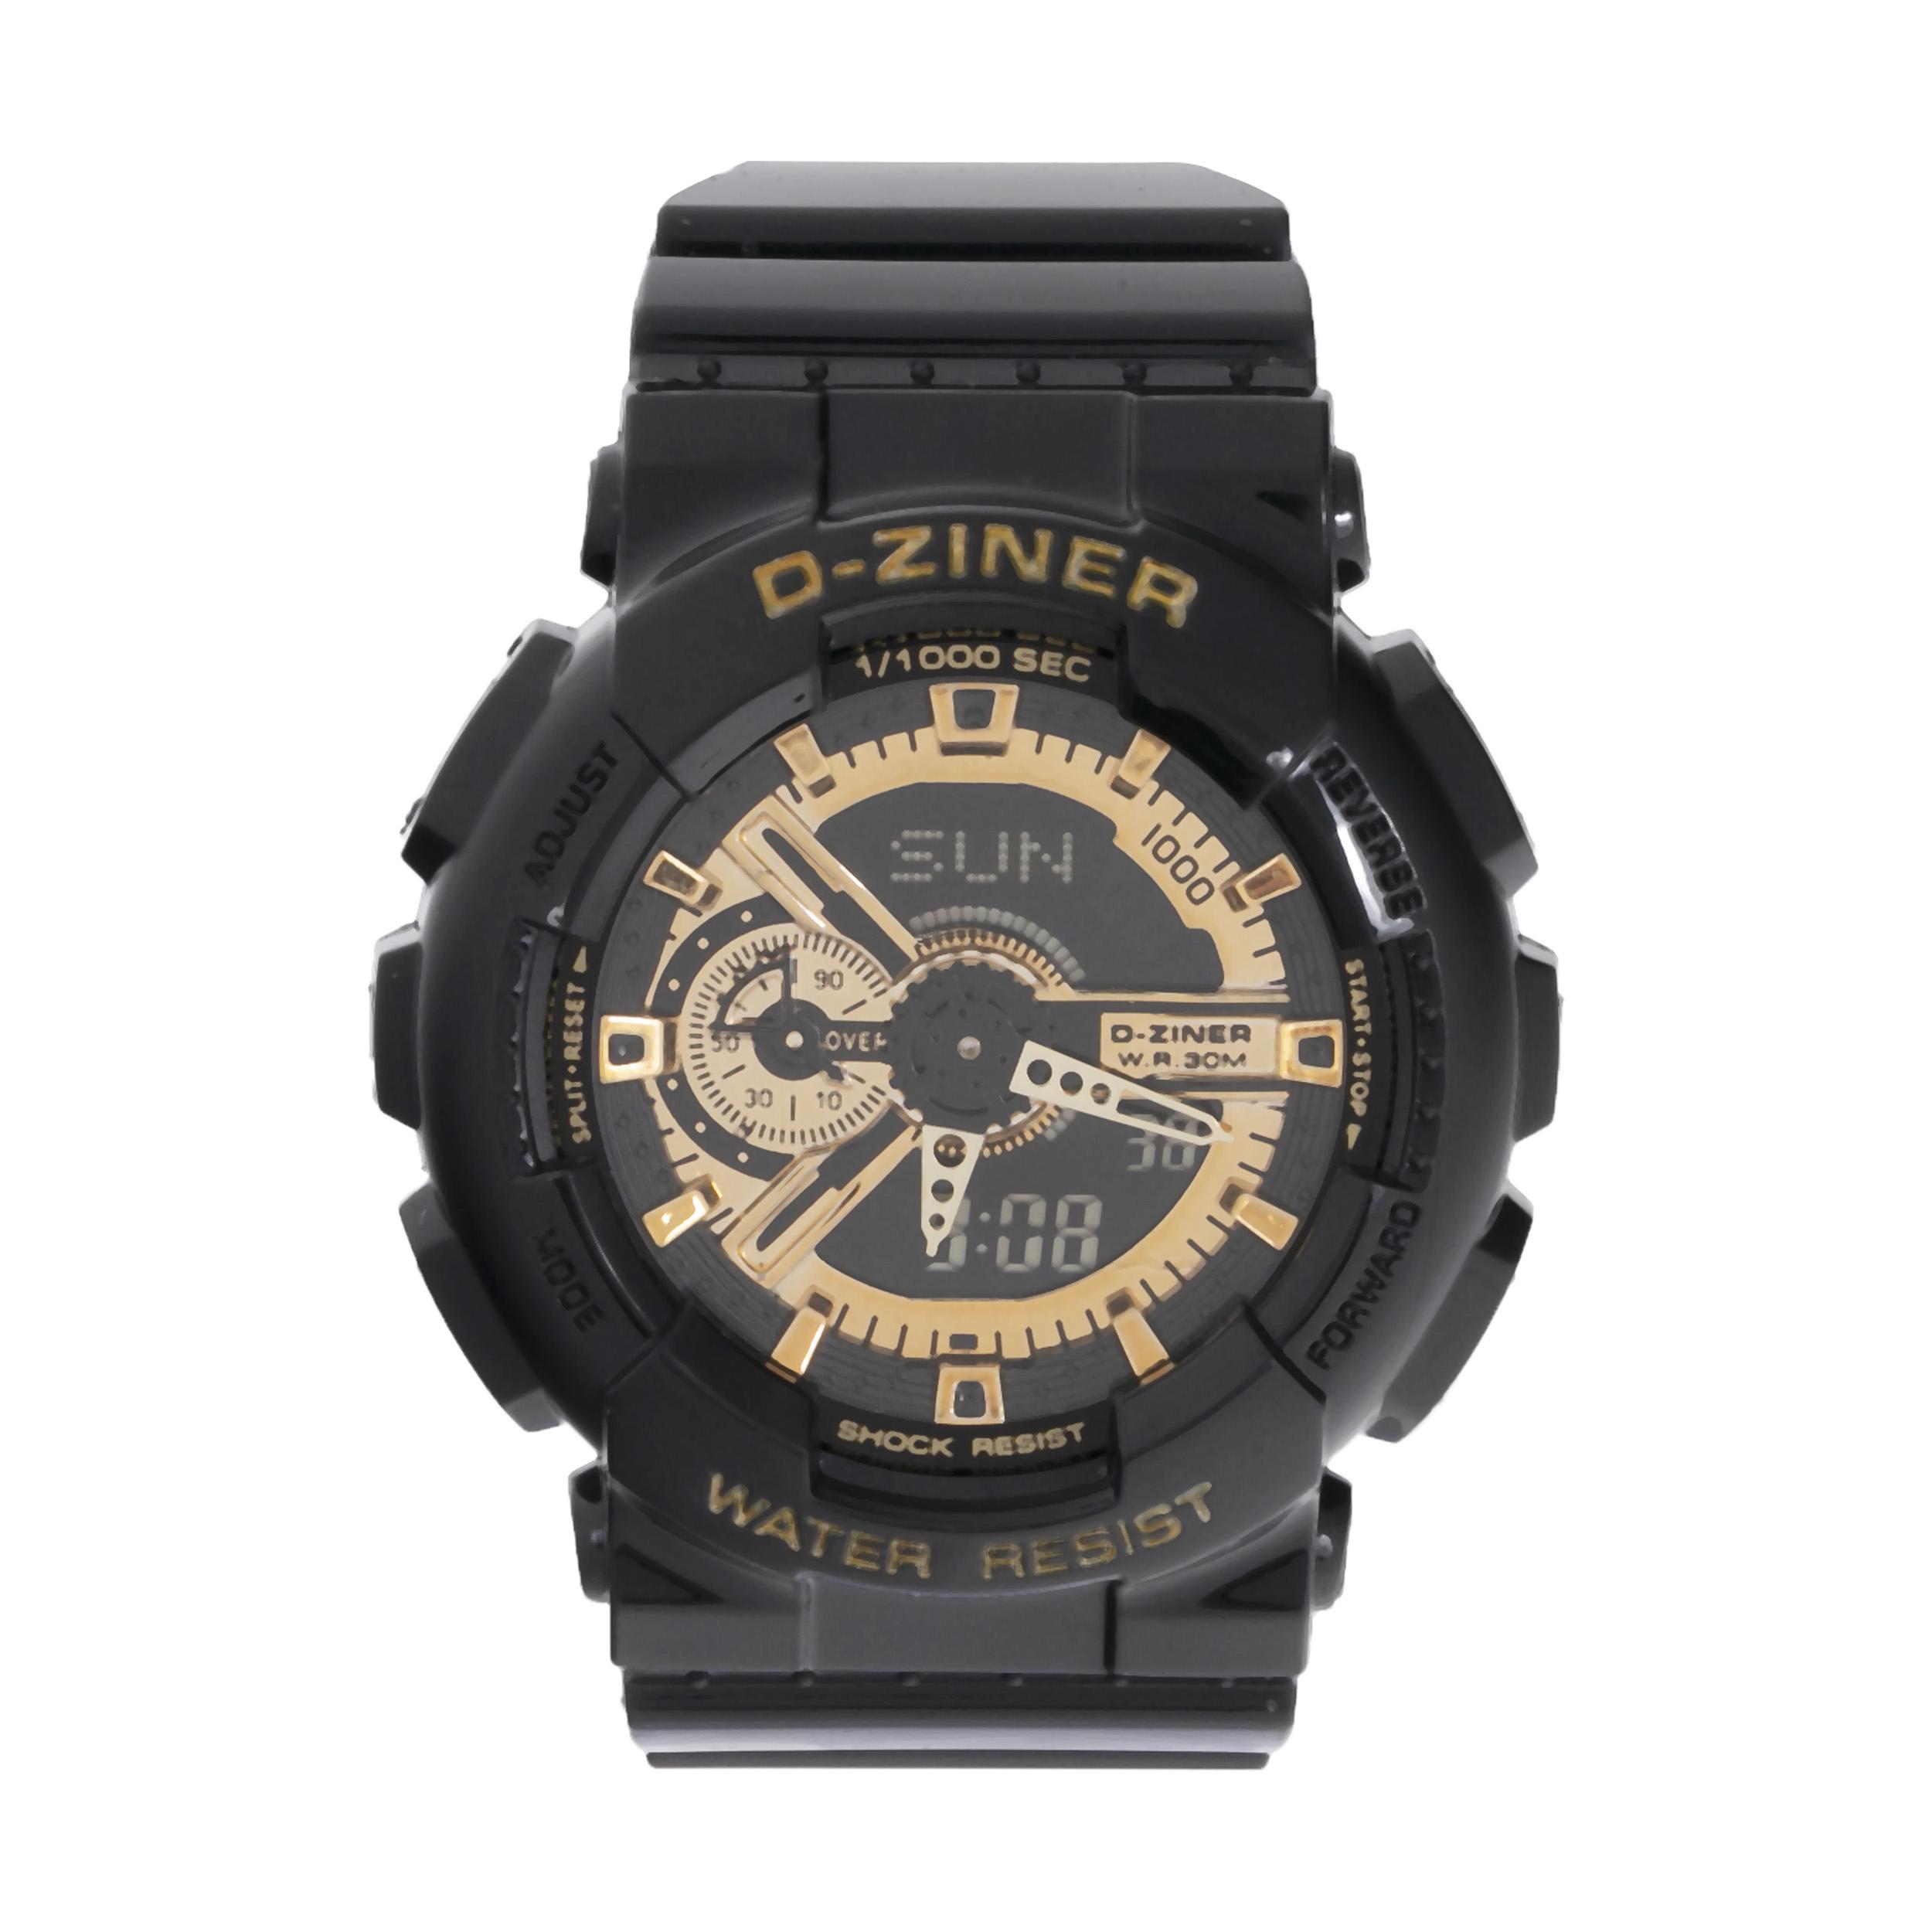 ساعت مچی عقربه ای مردانه دیزاینر مدل D-Z7026 34